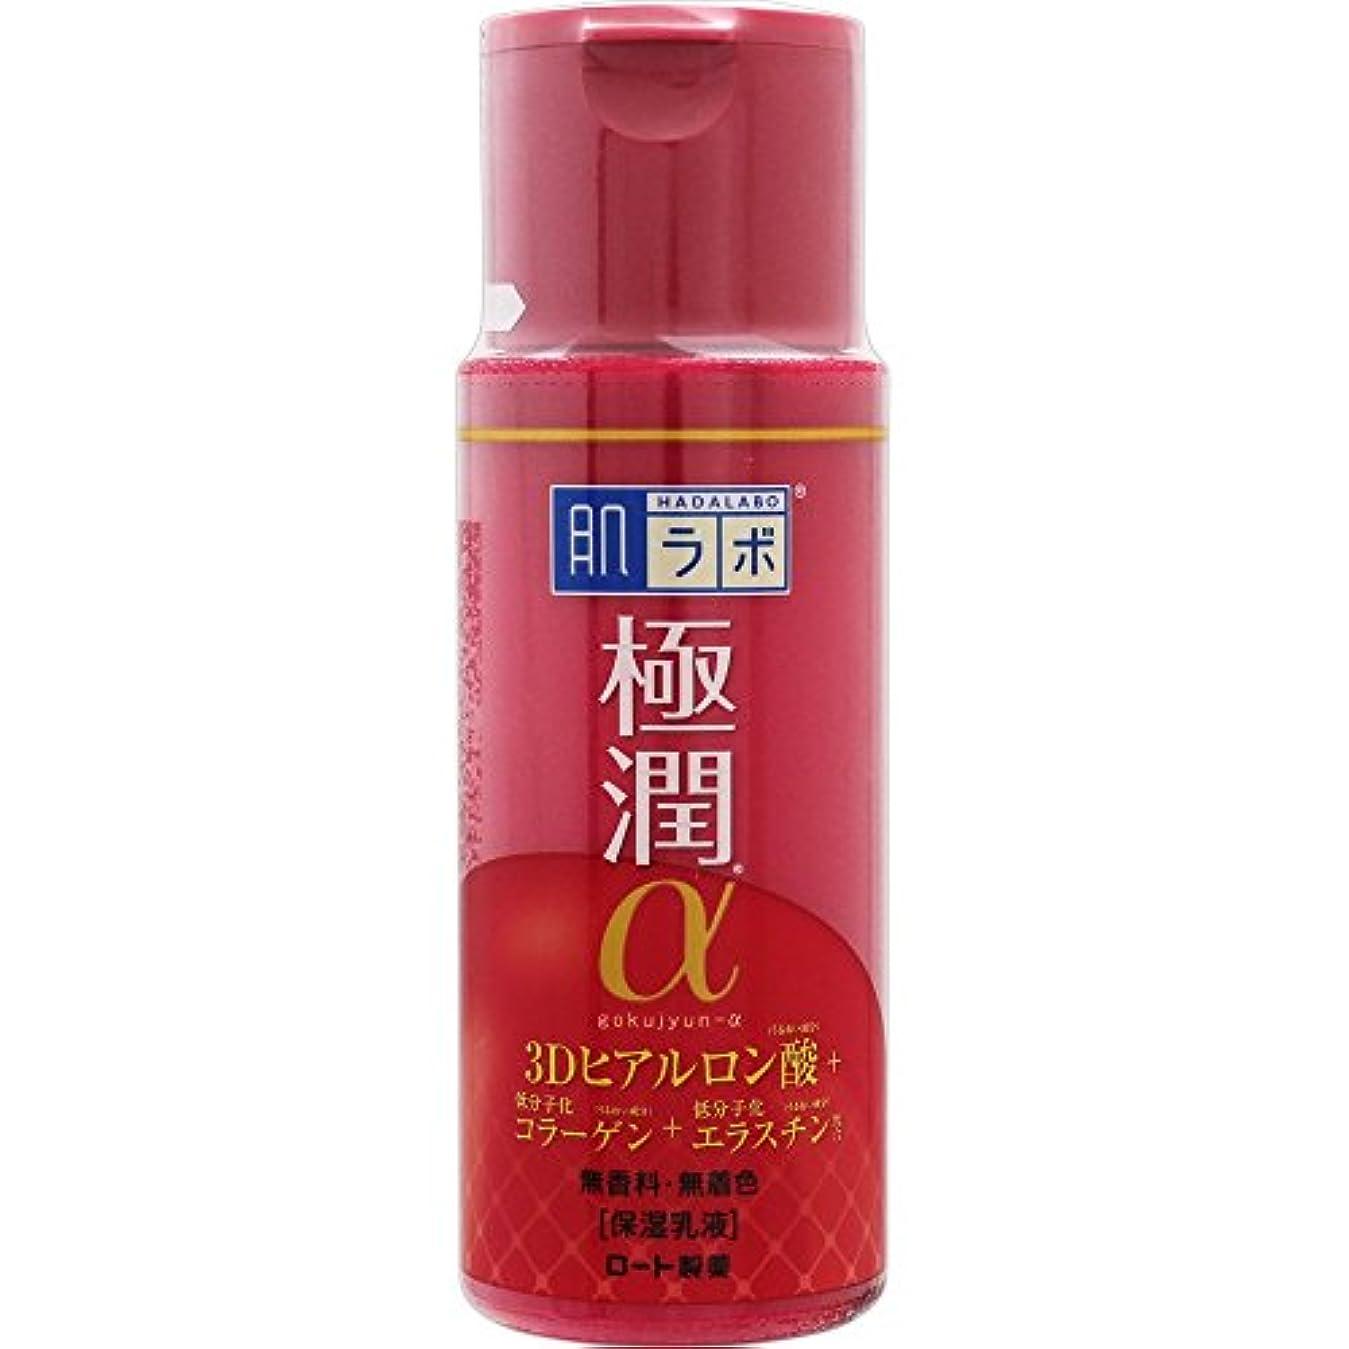 削る優れた長いです肌ラボ 極潤α ハリ乳液 3Dヒアルロン酸×低分子化コラーゲン×低分子化エラスチン配合 140ml